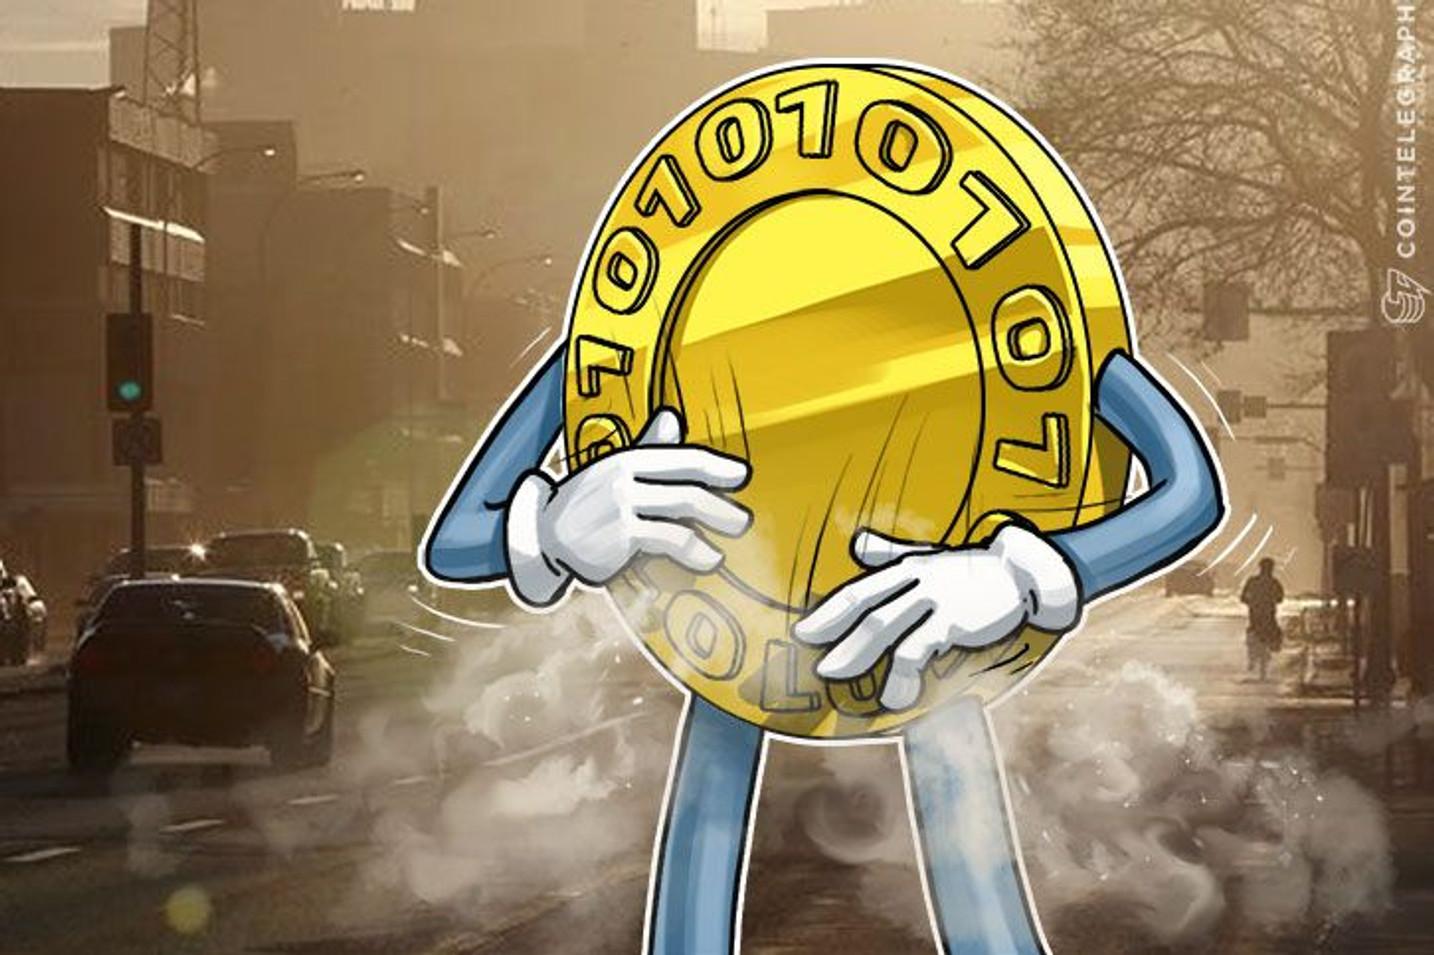 Silencio de un minuto para Altcoins, ya que nuevos altos de Bitcoin arrasan con los valores de los mercados